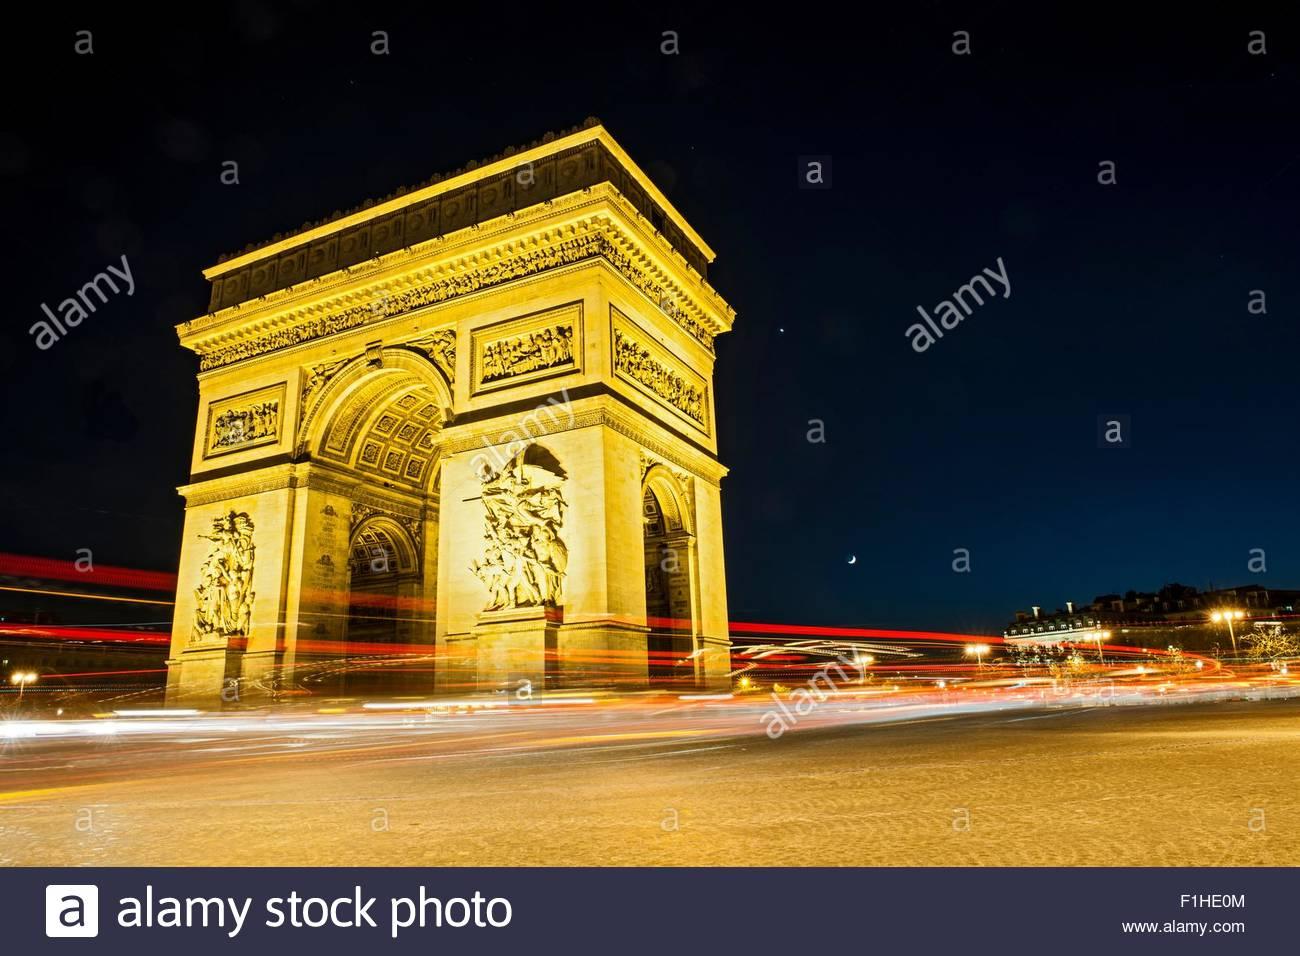 Vista del Arco de Triunfo y el tráfico por la noche, Paris, Francia Imagen De Stock